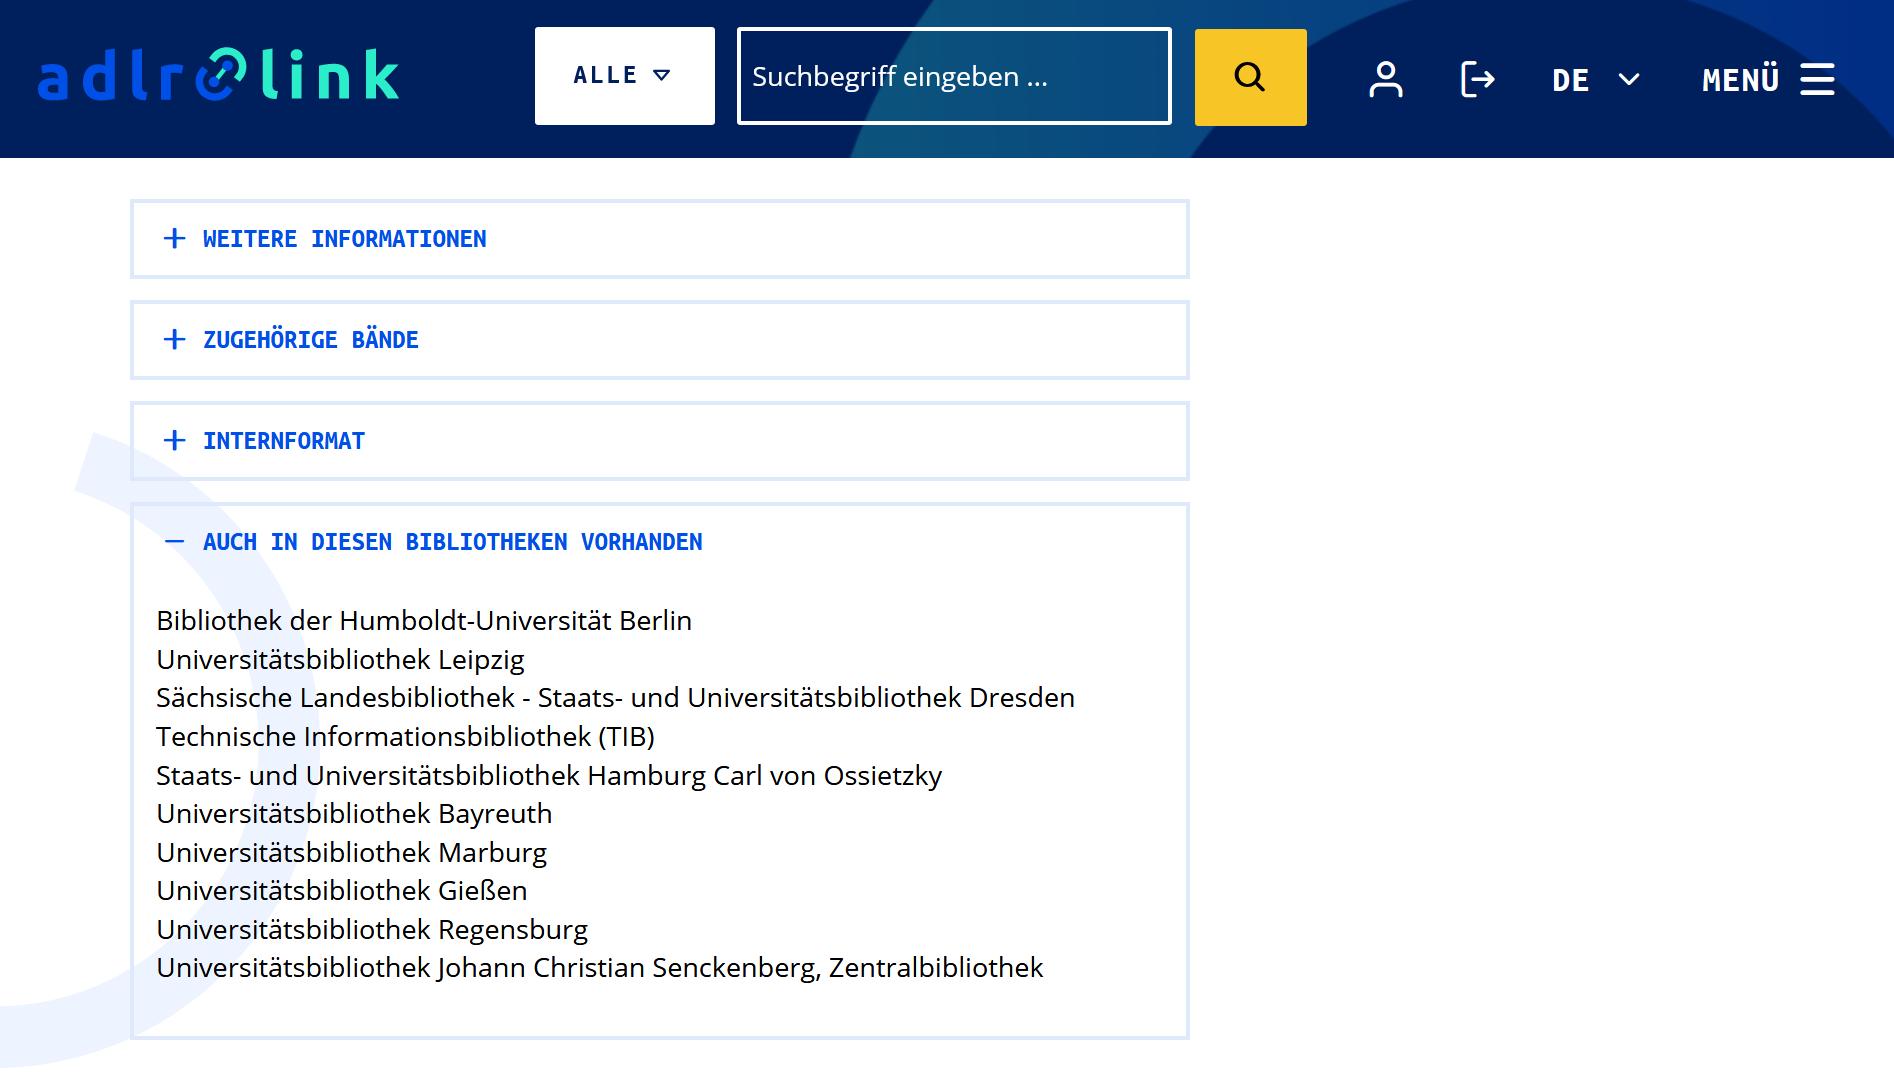 Integration der Worlcat-Verfügbarkeitsinformationen im Katalog-Frontend von adlr.link